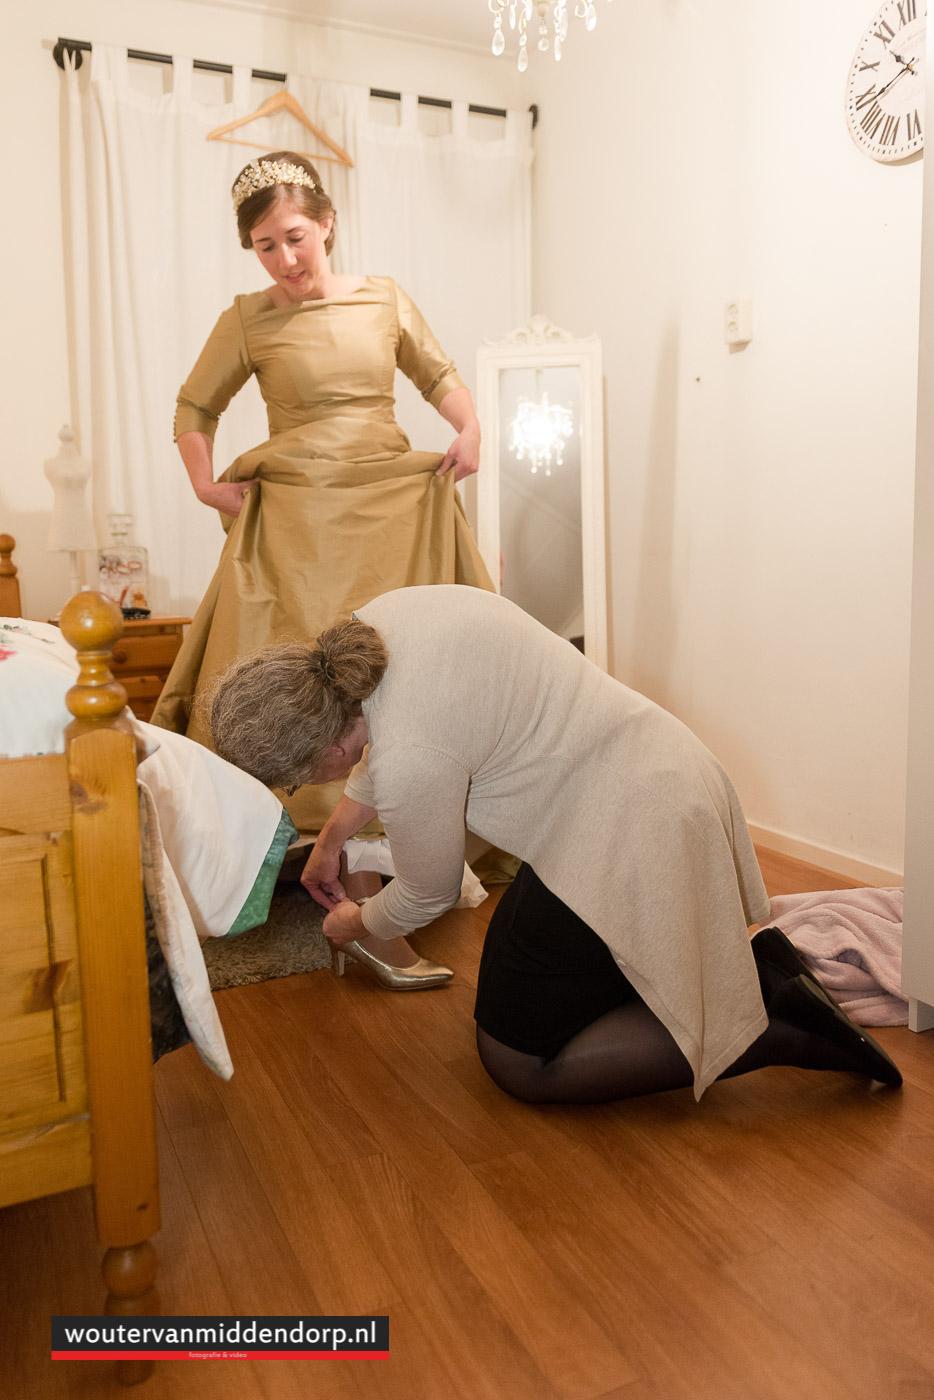 bruidsfotografie Wouter van Middendorp Uddel-12